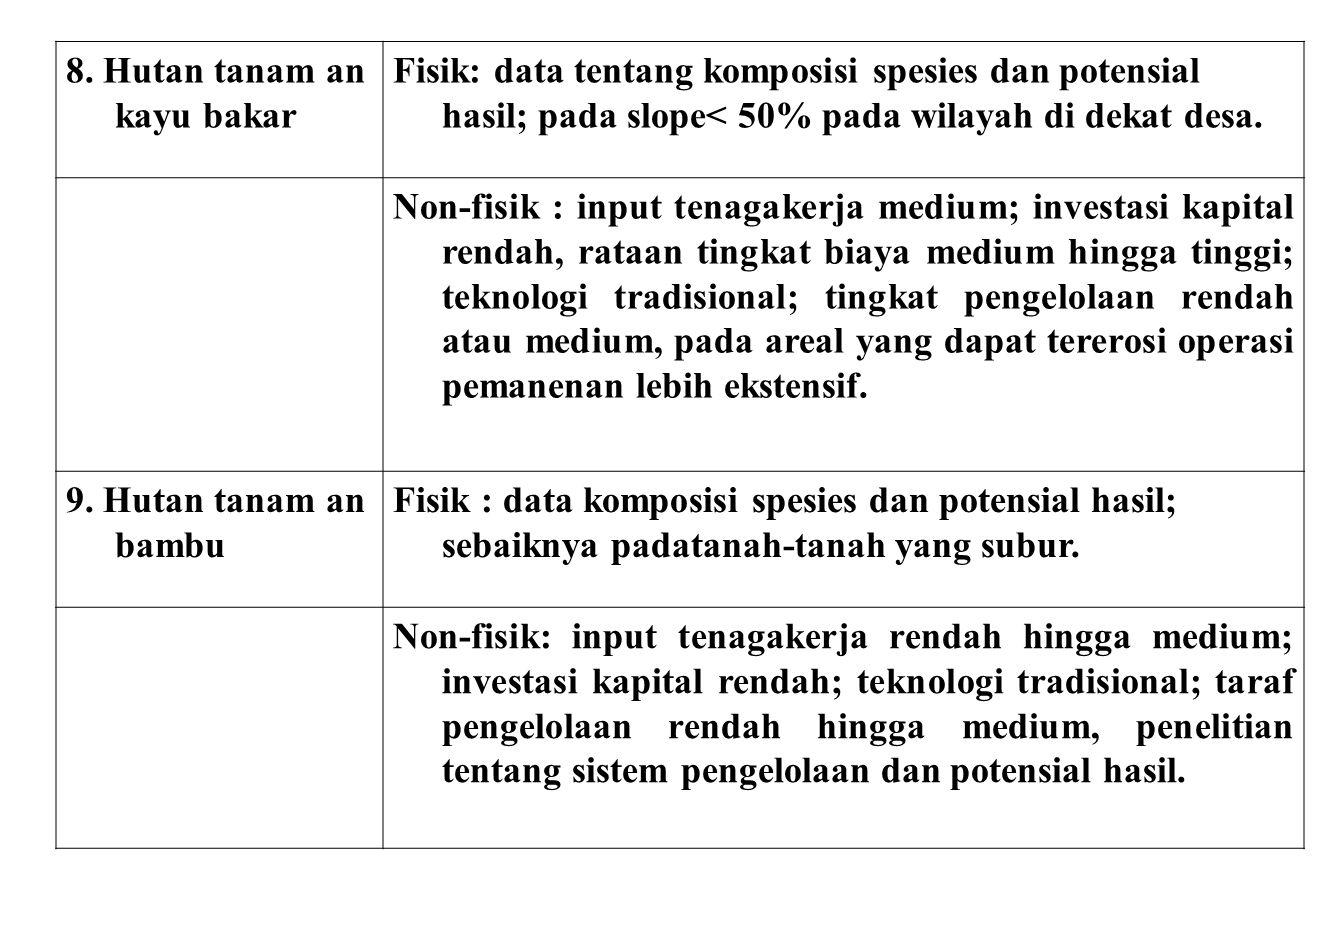 8. Hutan tanam an kayu bakar Fisik: data tentang komposisi spesies dan potensial hasil; pada slope< 50% pada wilayah di dekat desa. Non-fisik : input